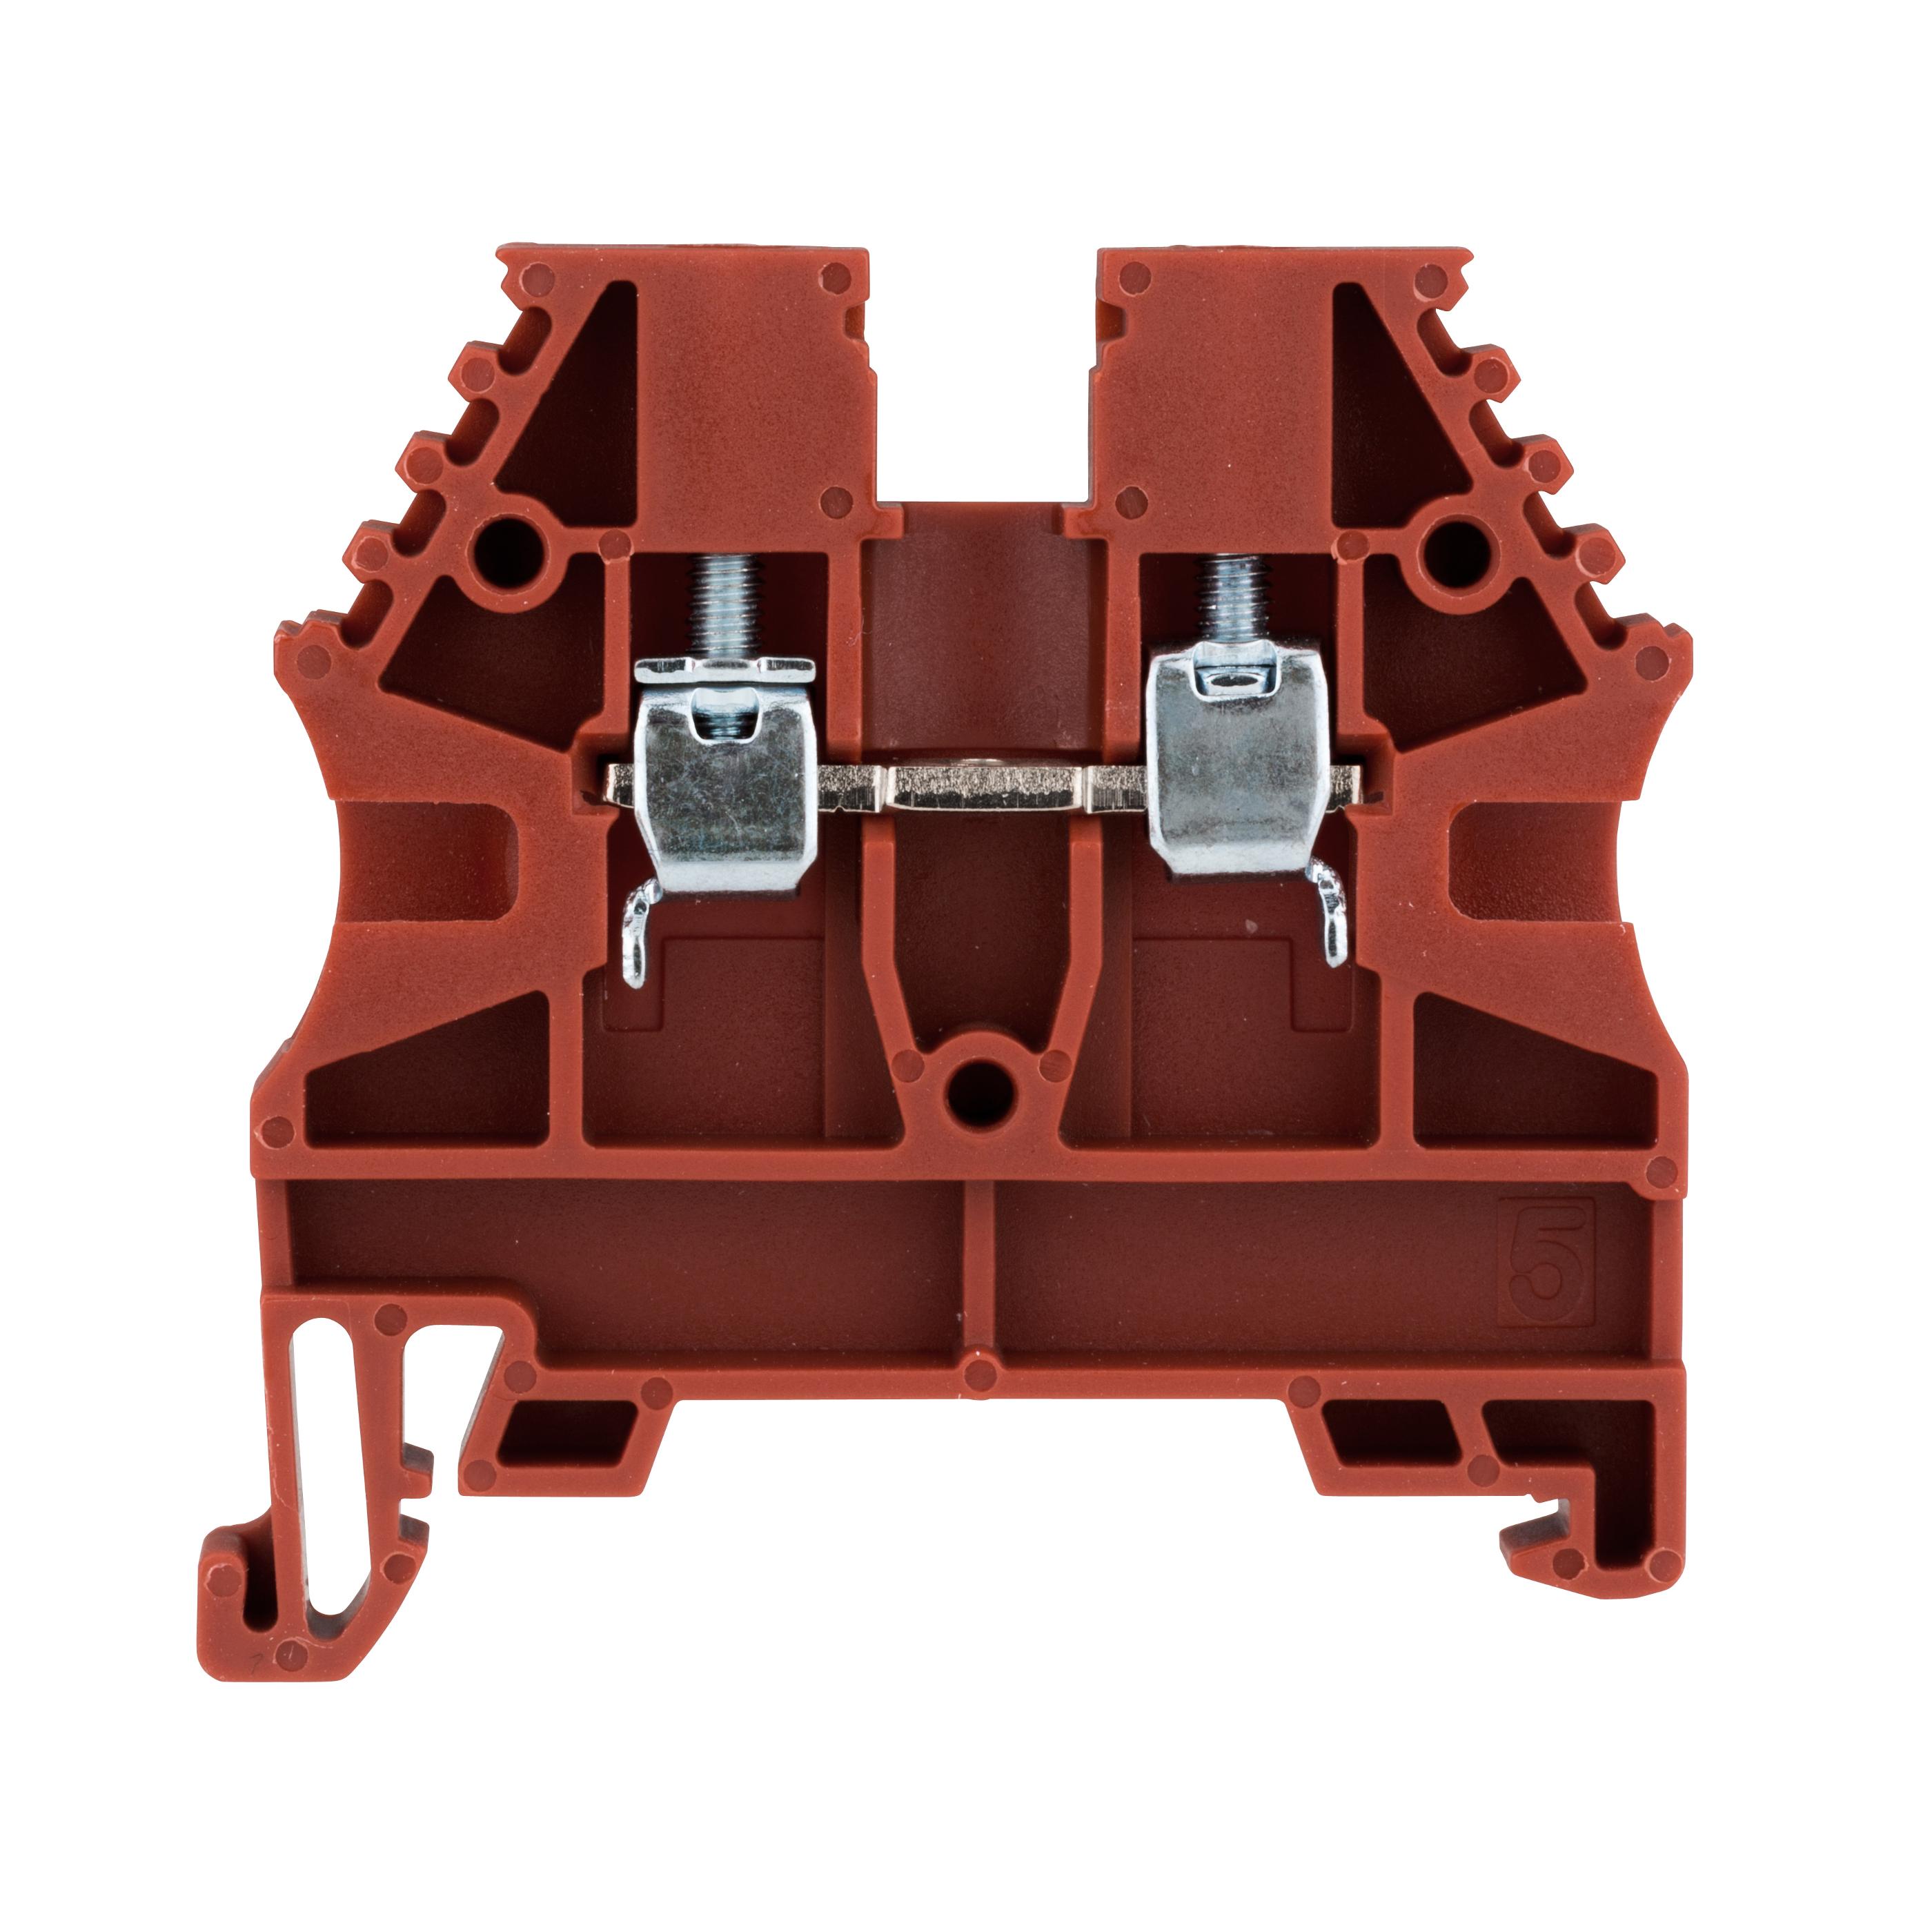 1 Stk Reihenklemme 2,5mm² AVK 2,5, rot IK608002--